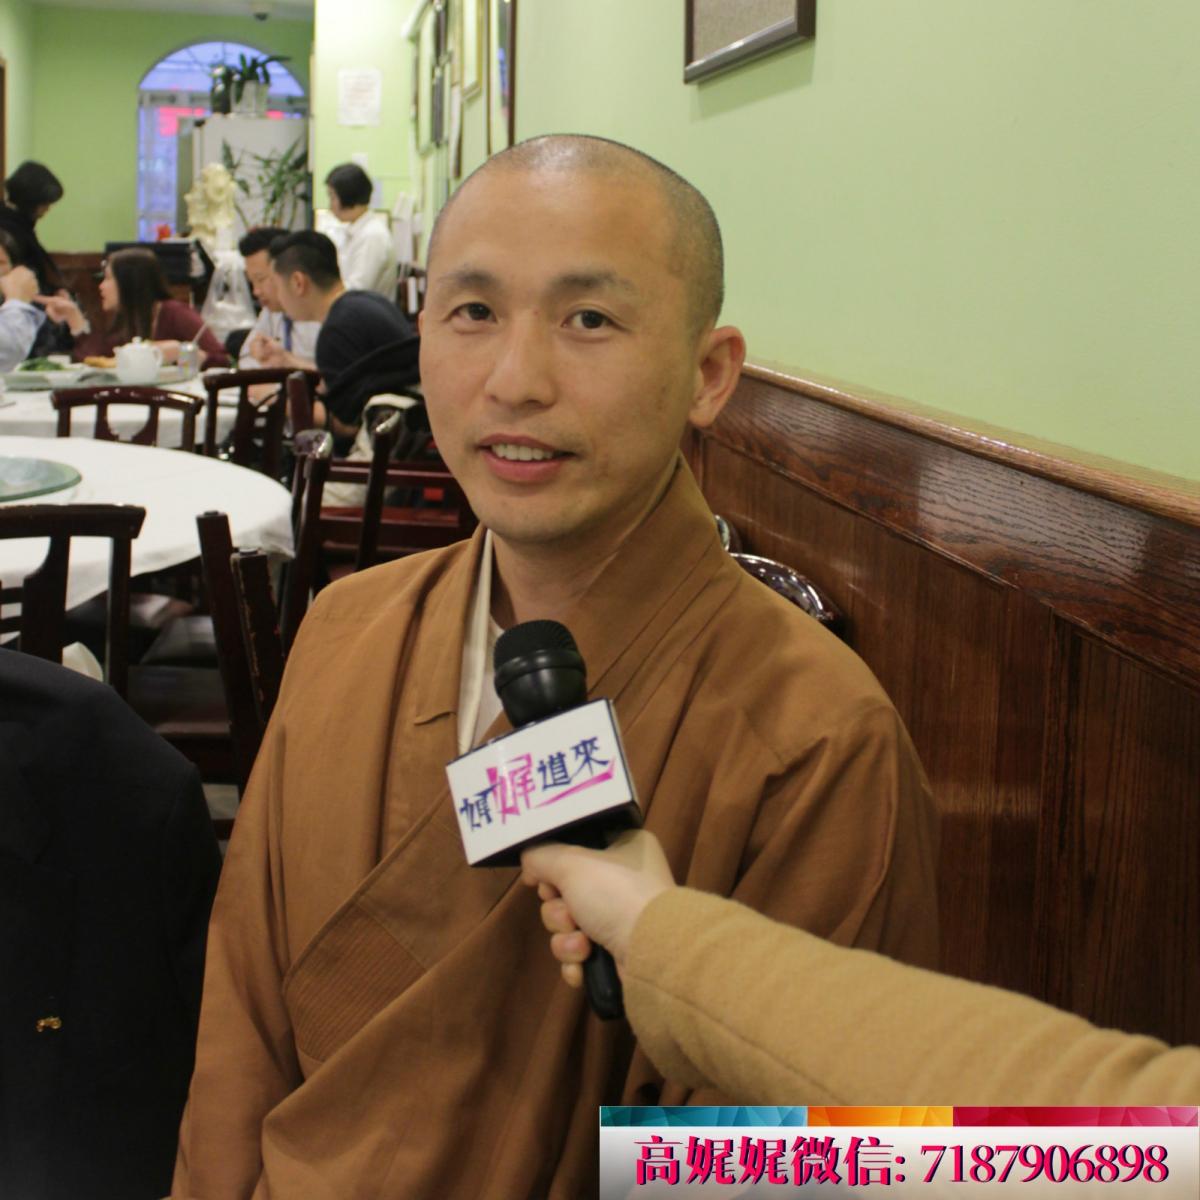 南少林寺首任方丈常定法师美国传佛_图1-3